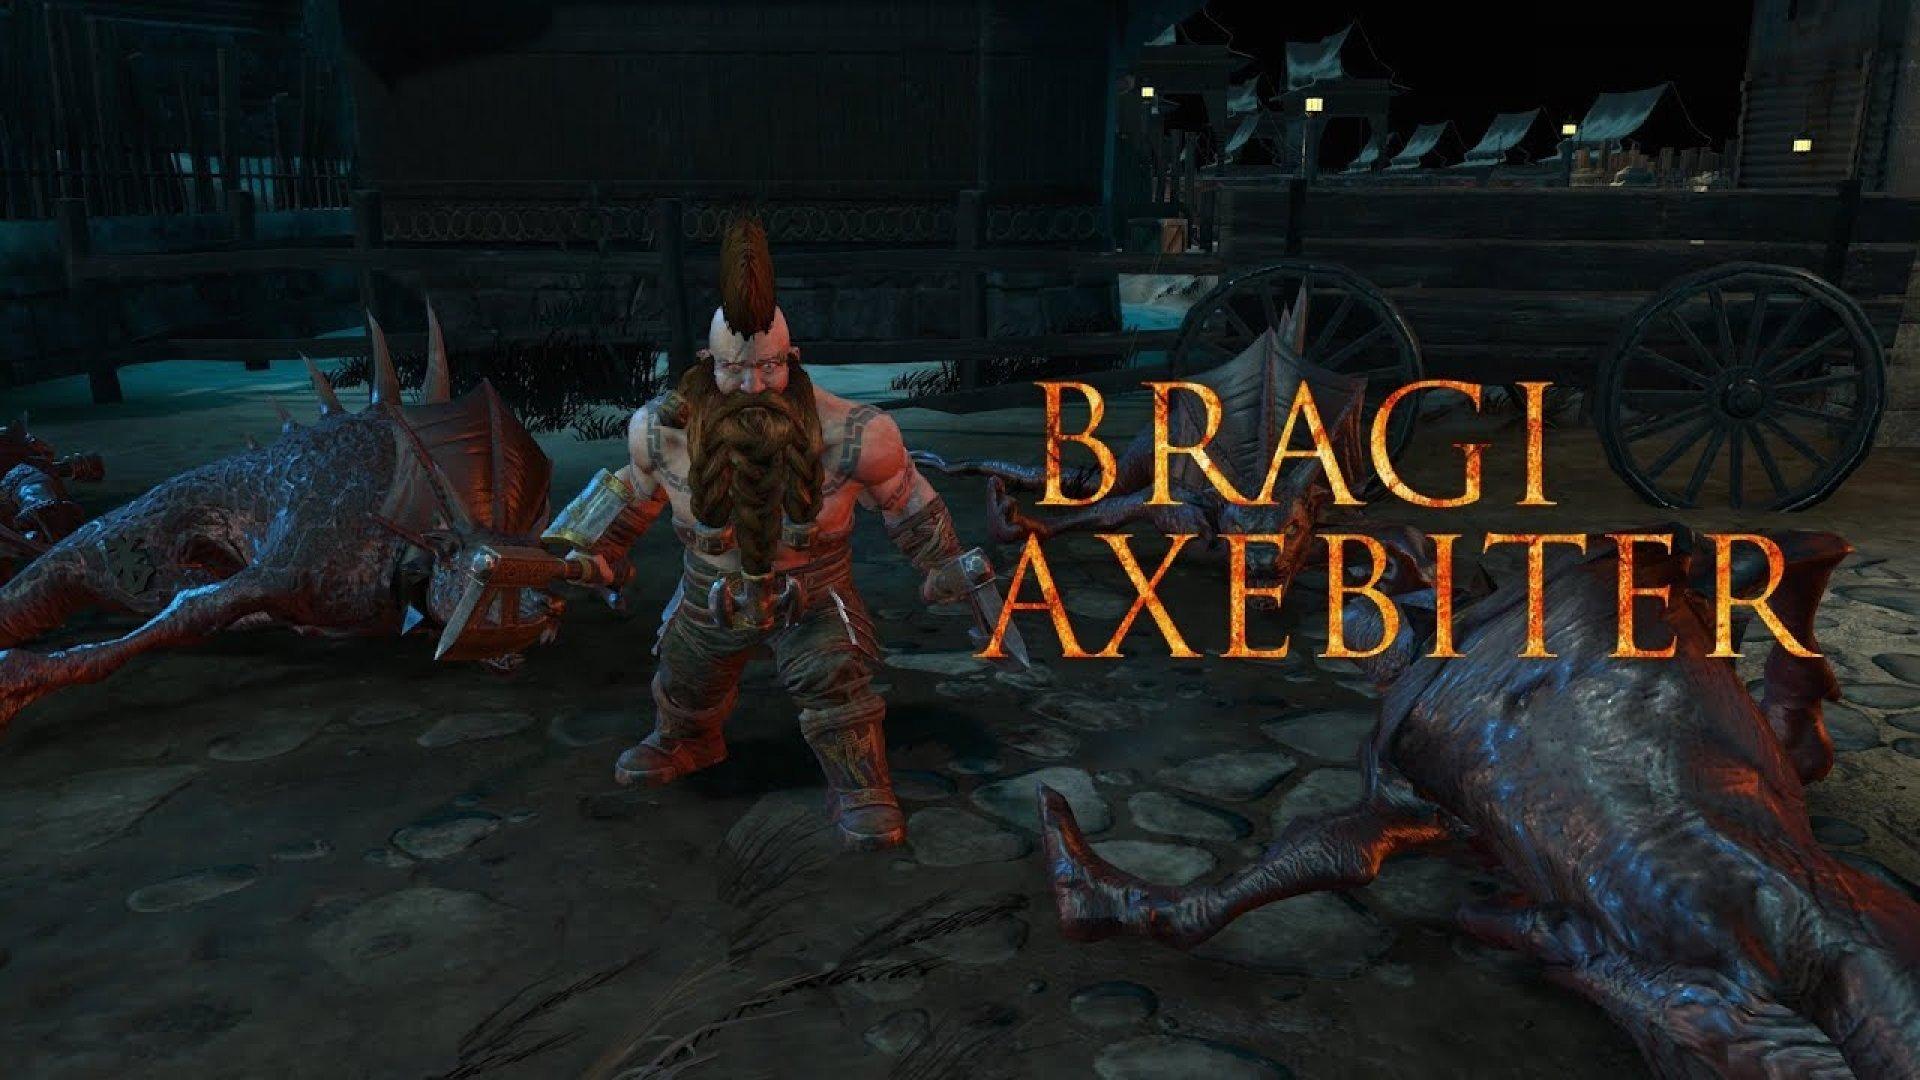 Браги Грызущий Секиру - еще один герой Warhammer: Chaosbane